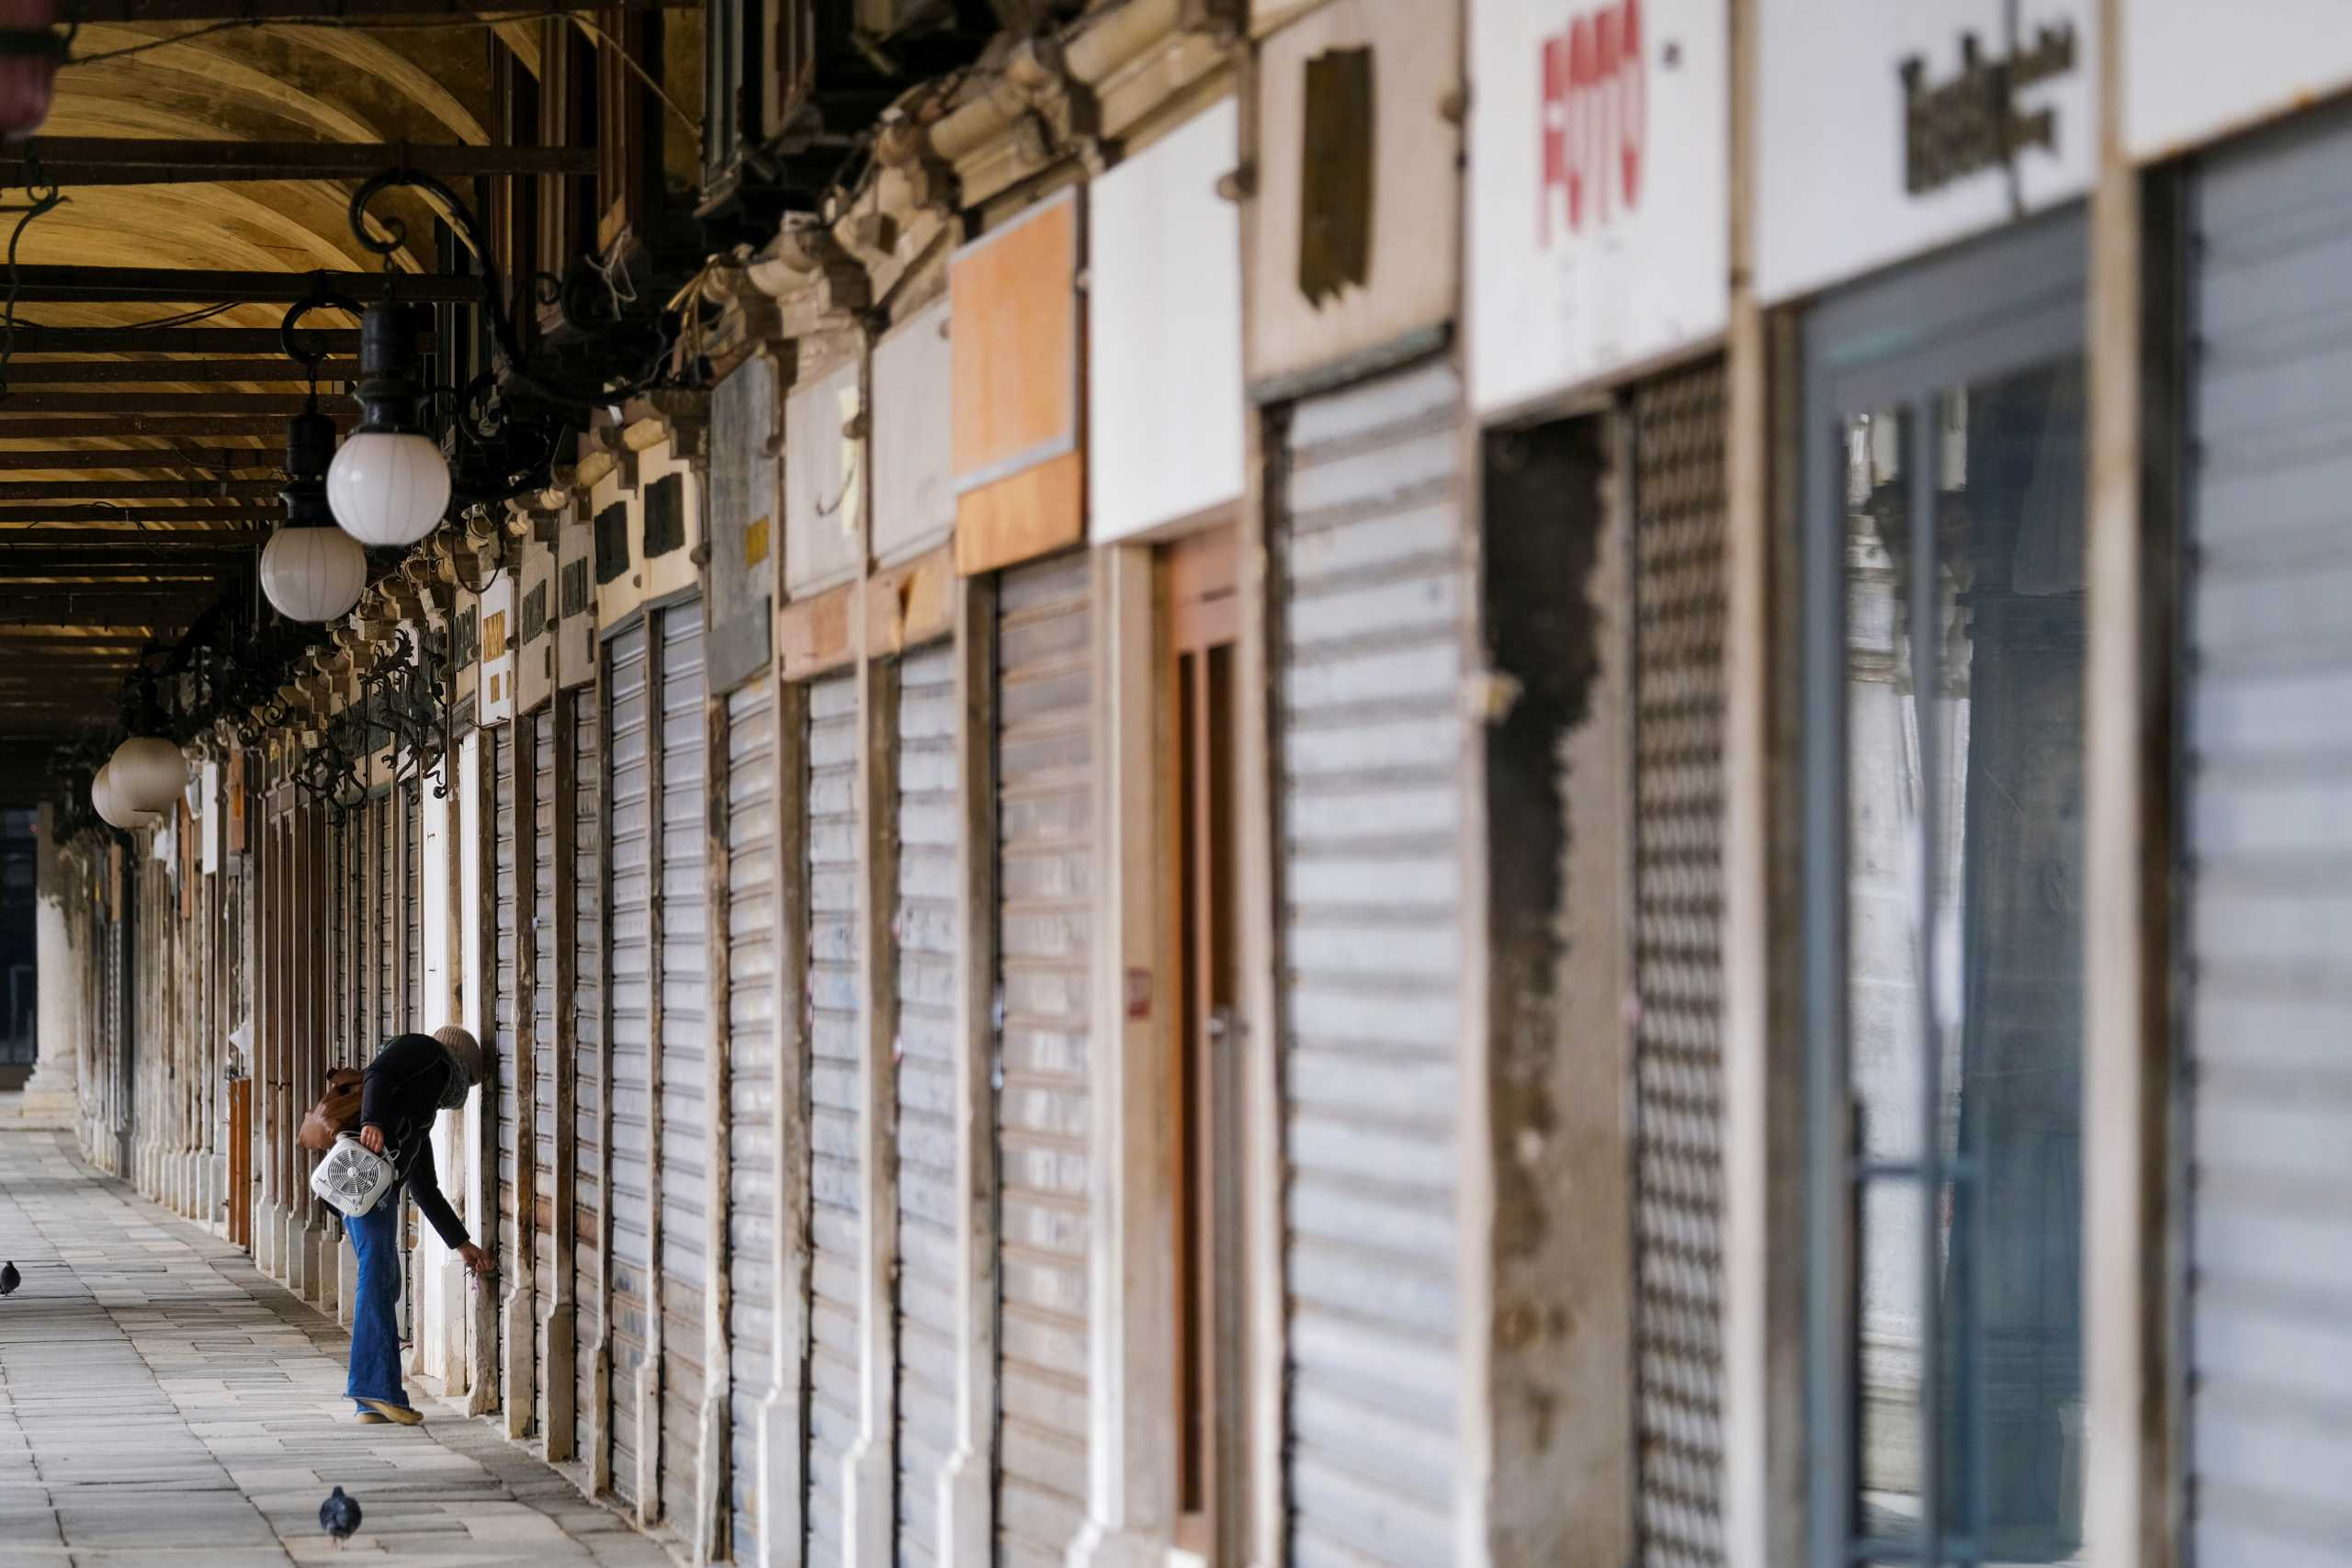 Ιταλία – κορονοϊός : Μειώνεται ο αριθμός των ασθενών στις ΜΕΘ